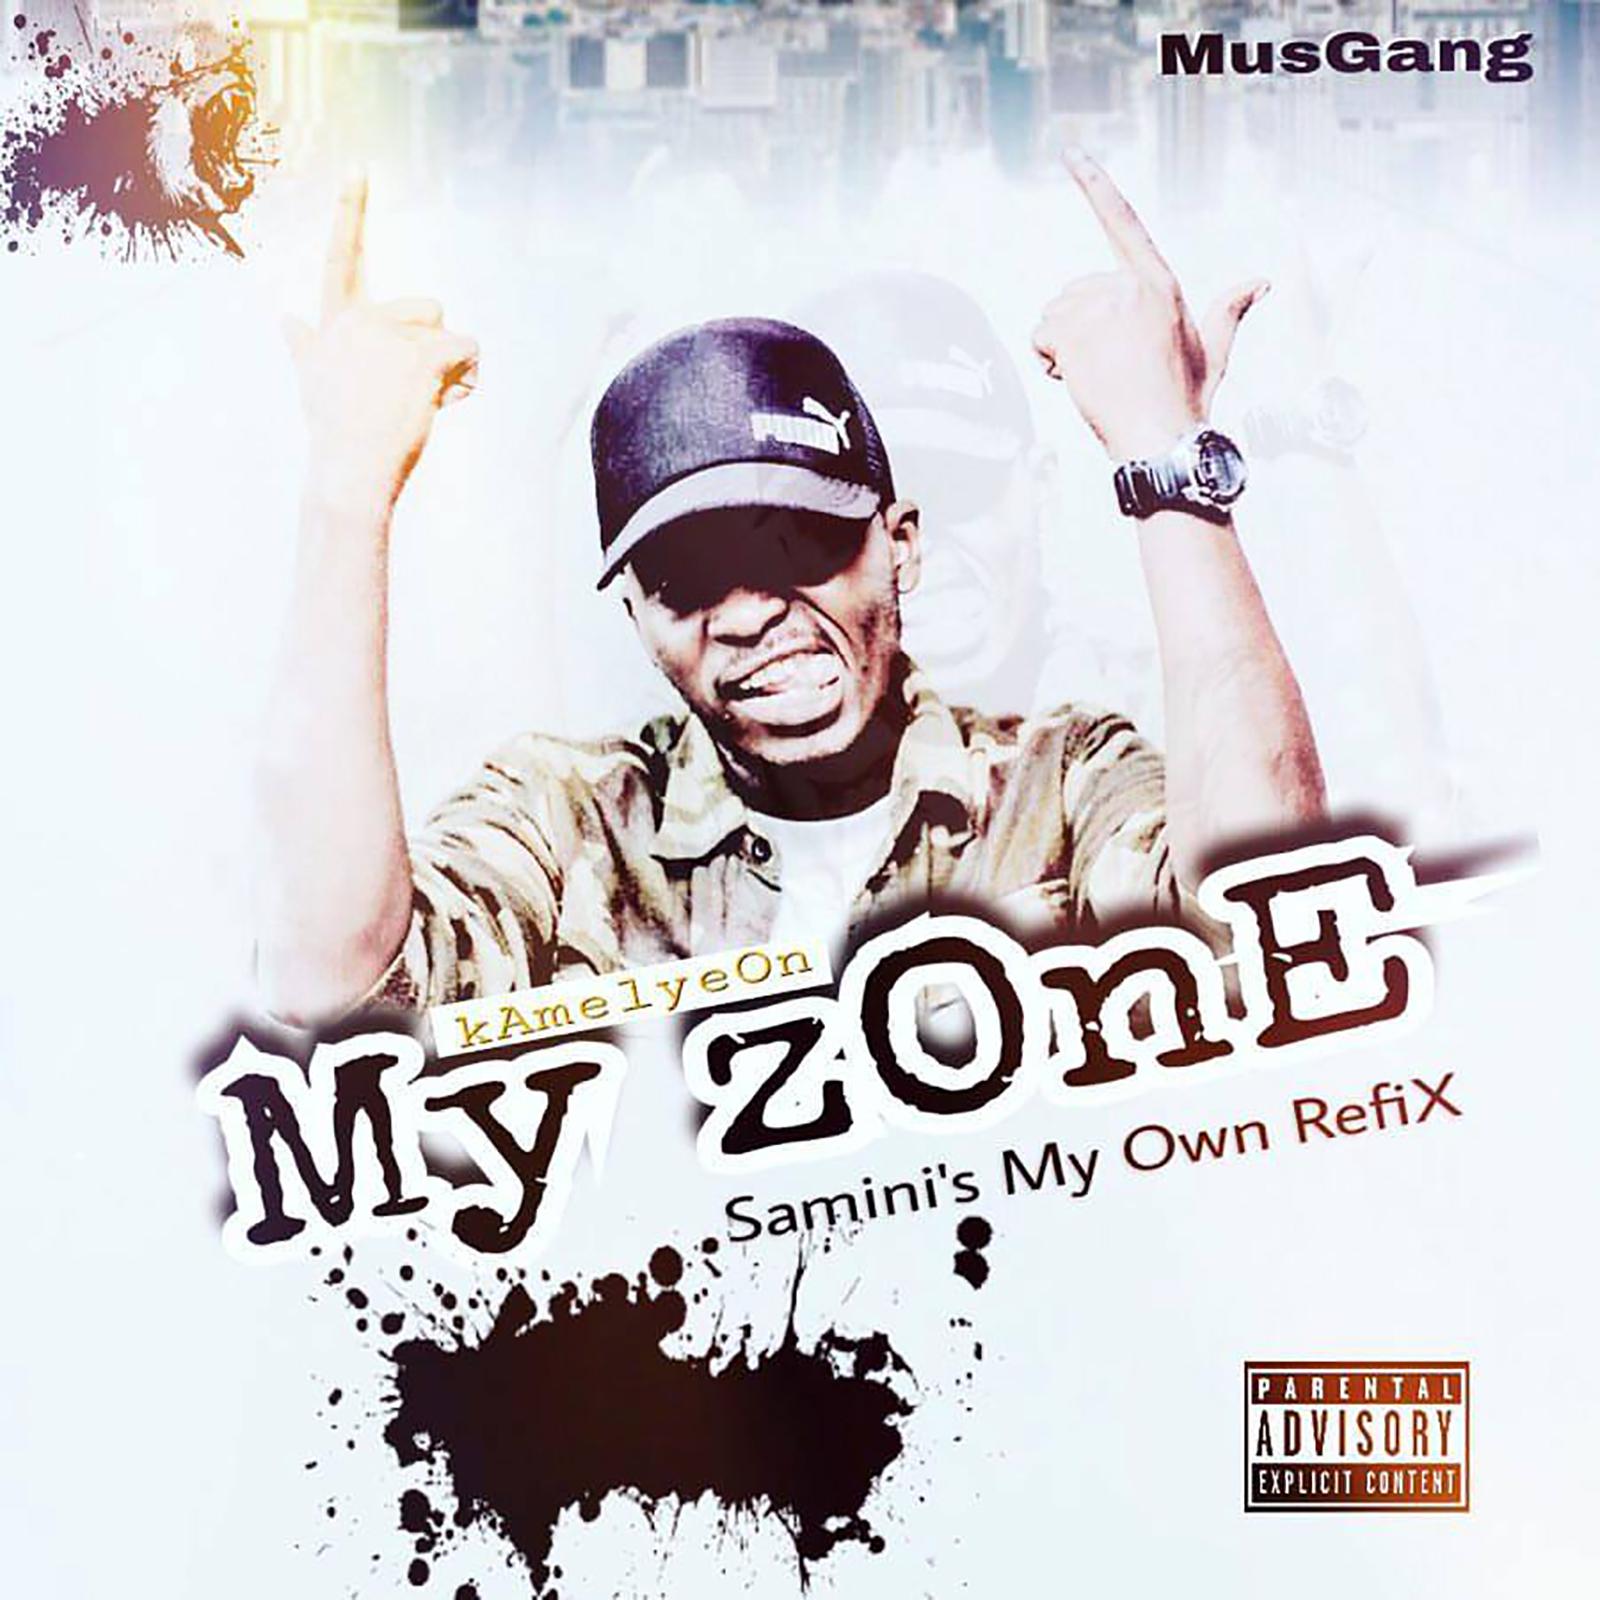 My zOnE (Samini My Own Refix) by Kamelyeon